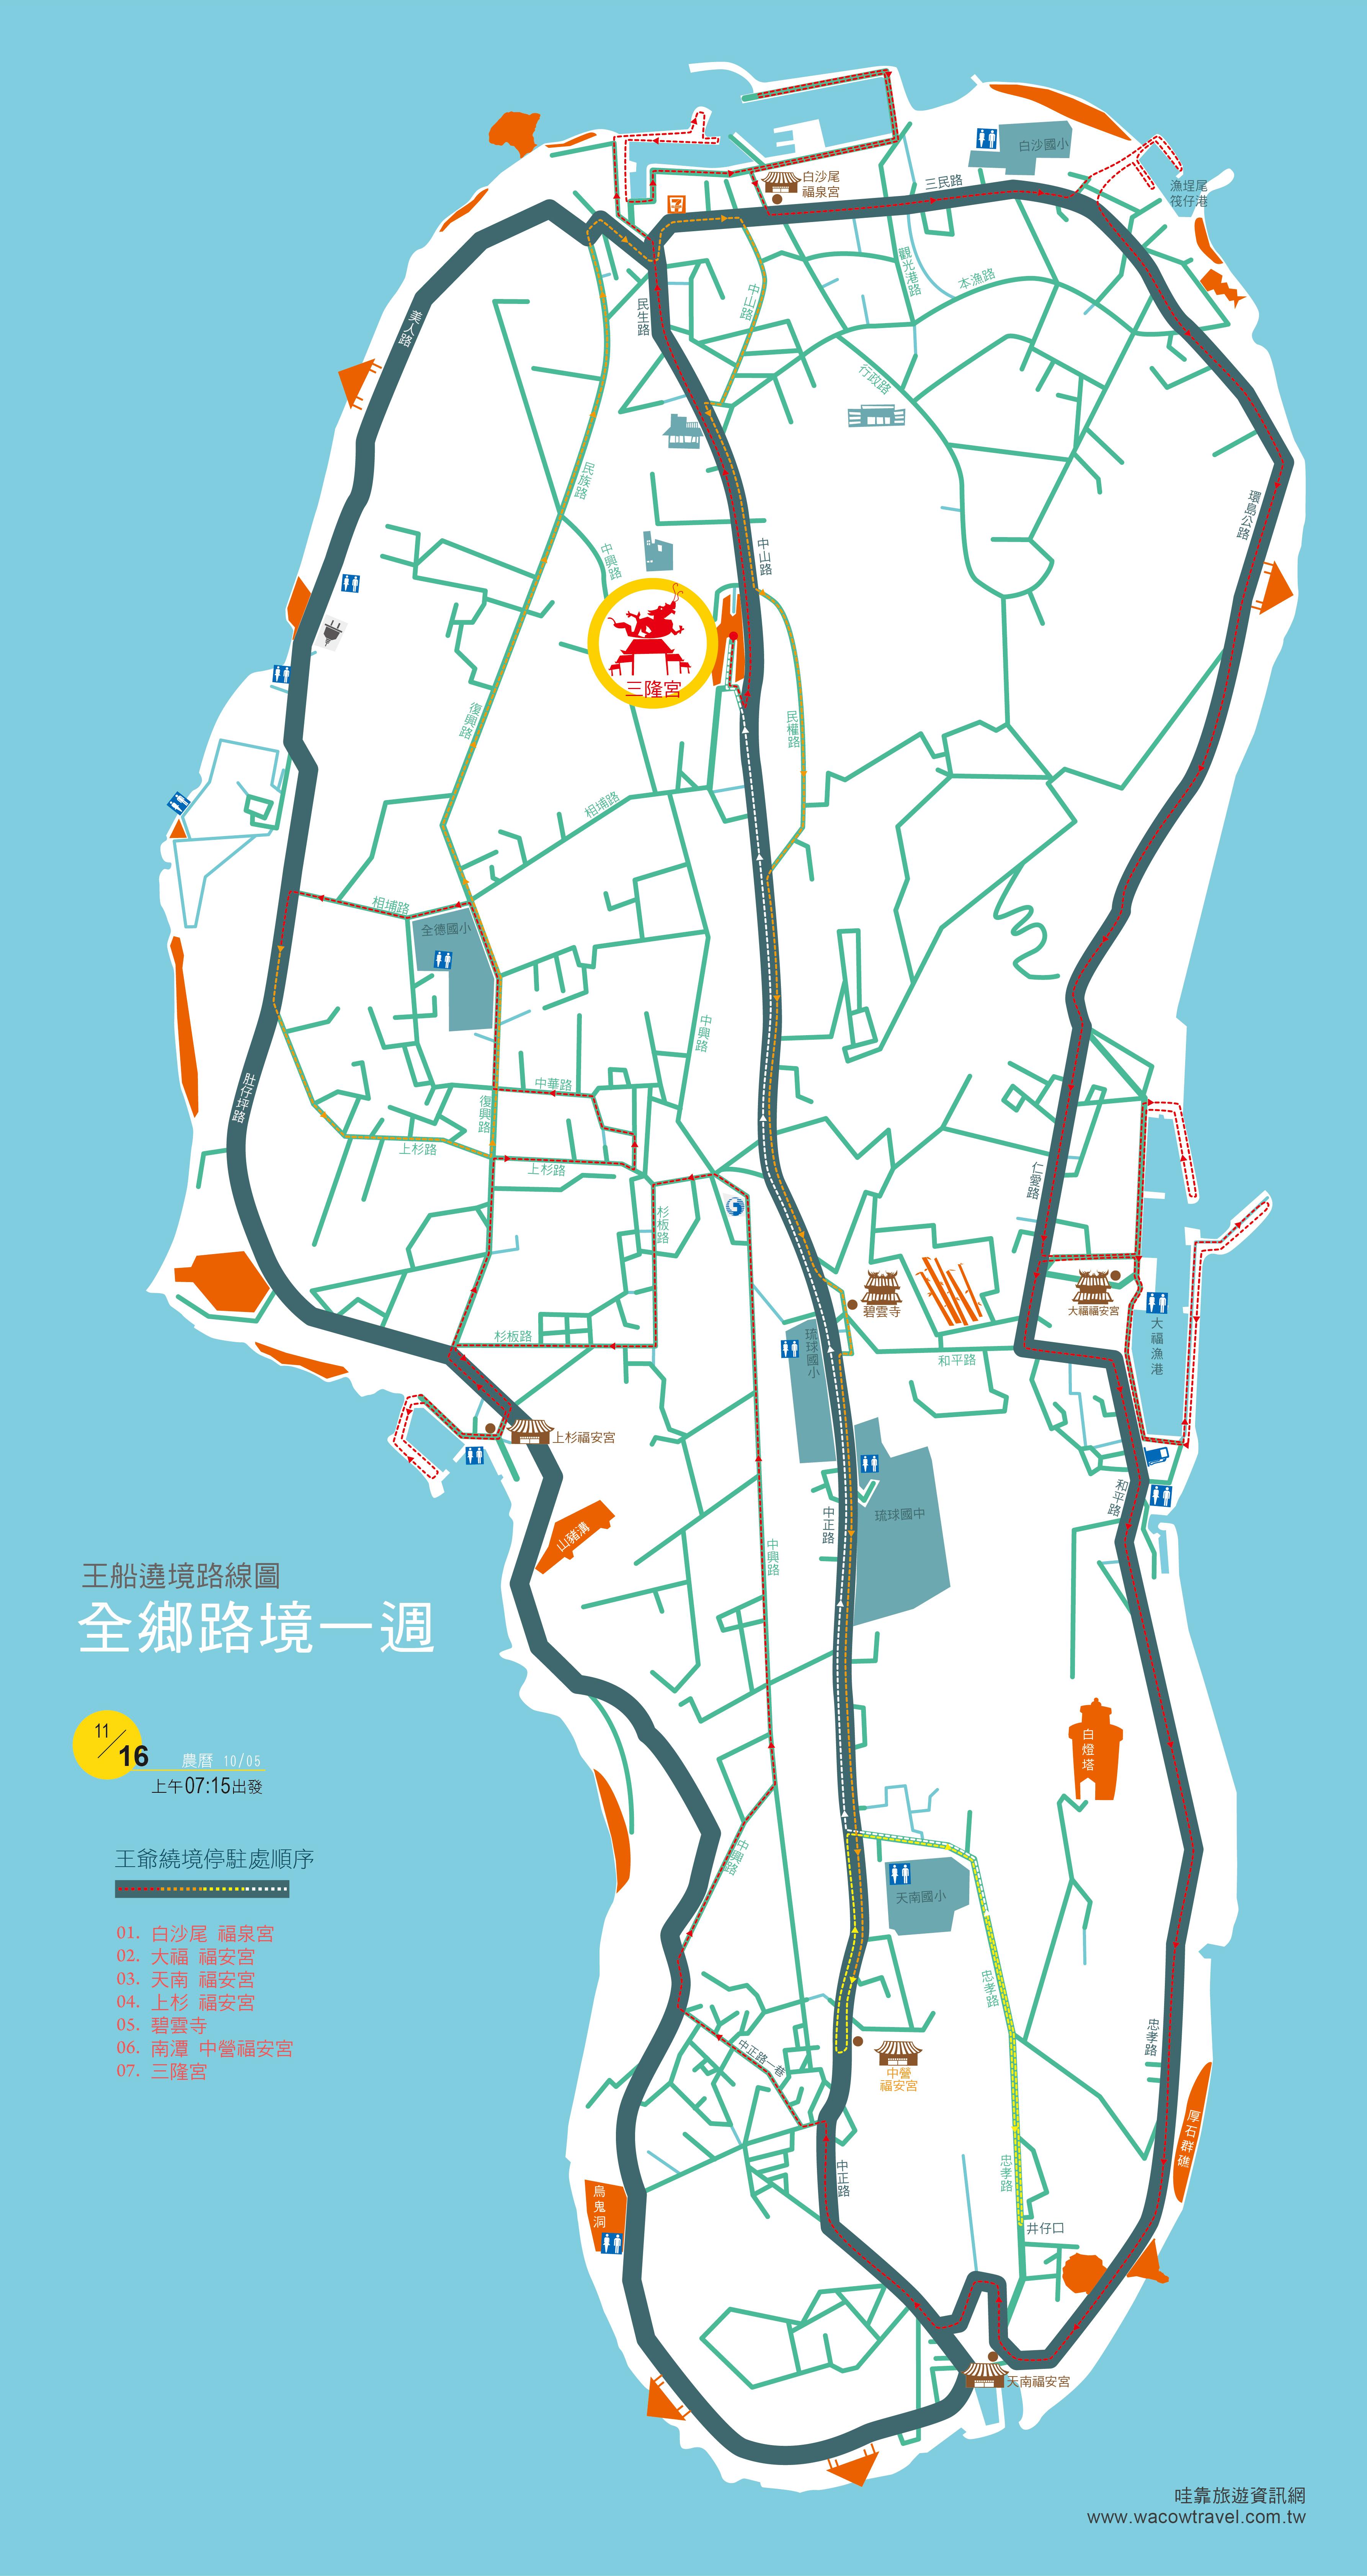 小琉球迎王祭,王船祭,全島遶境路線圖